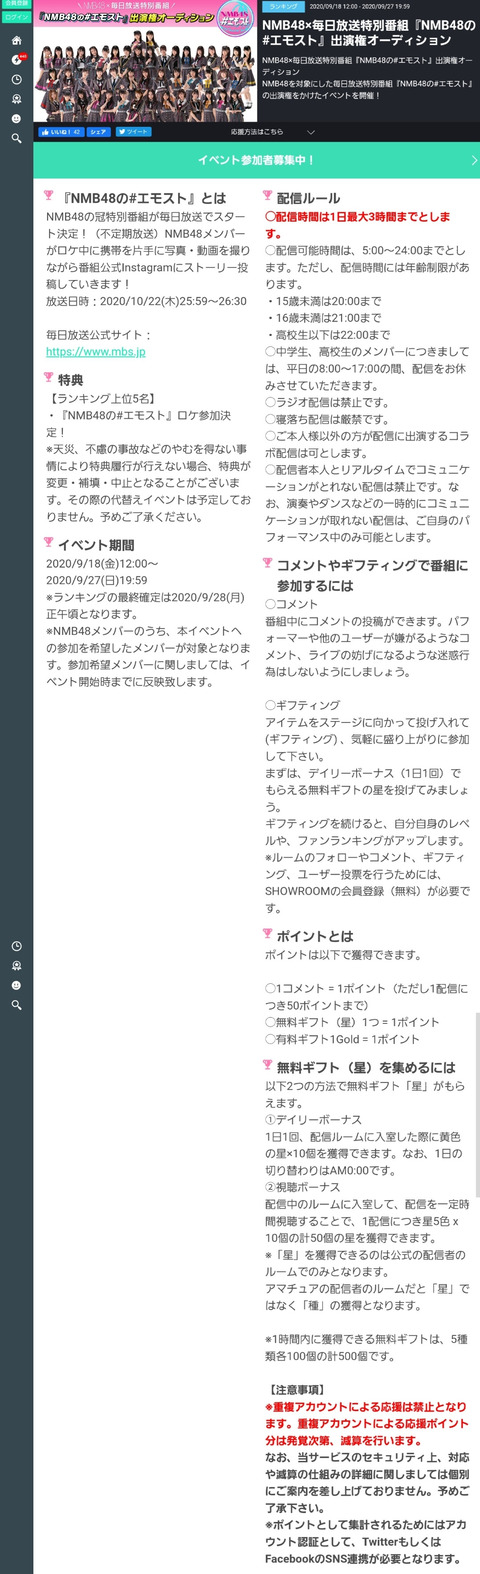 【NMB48】冠特別番組出演をかけたSHOWROOMオーディションに17人が参加!